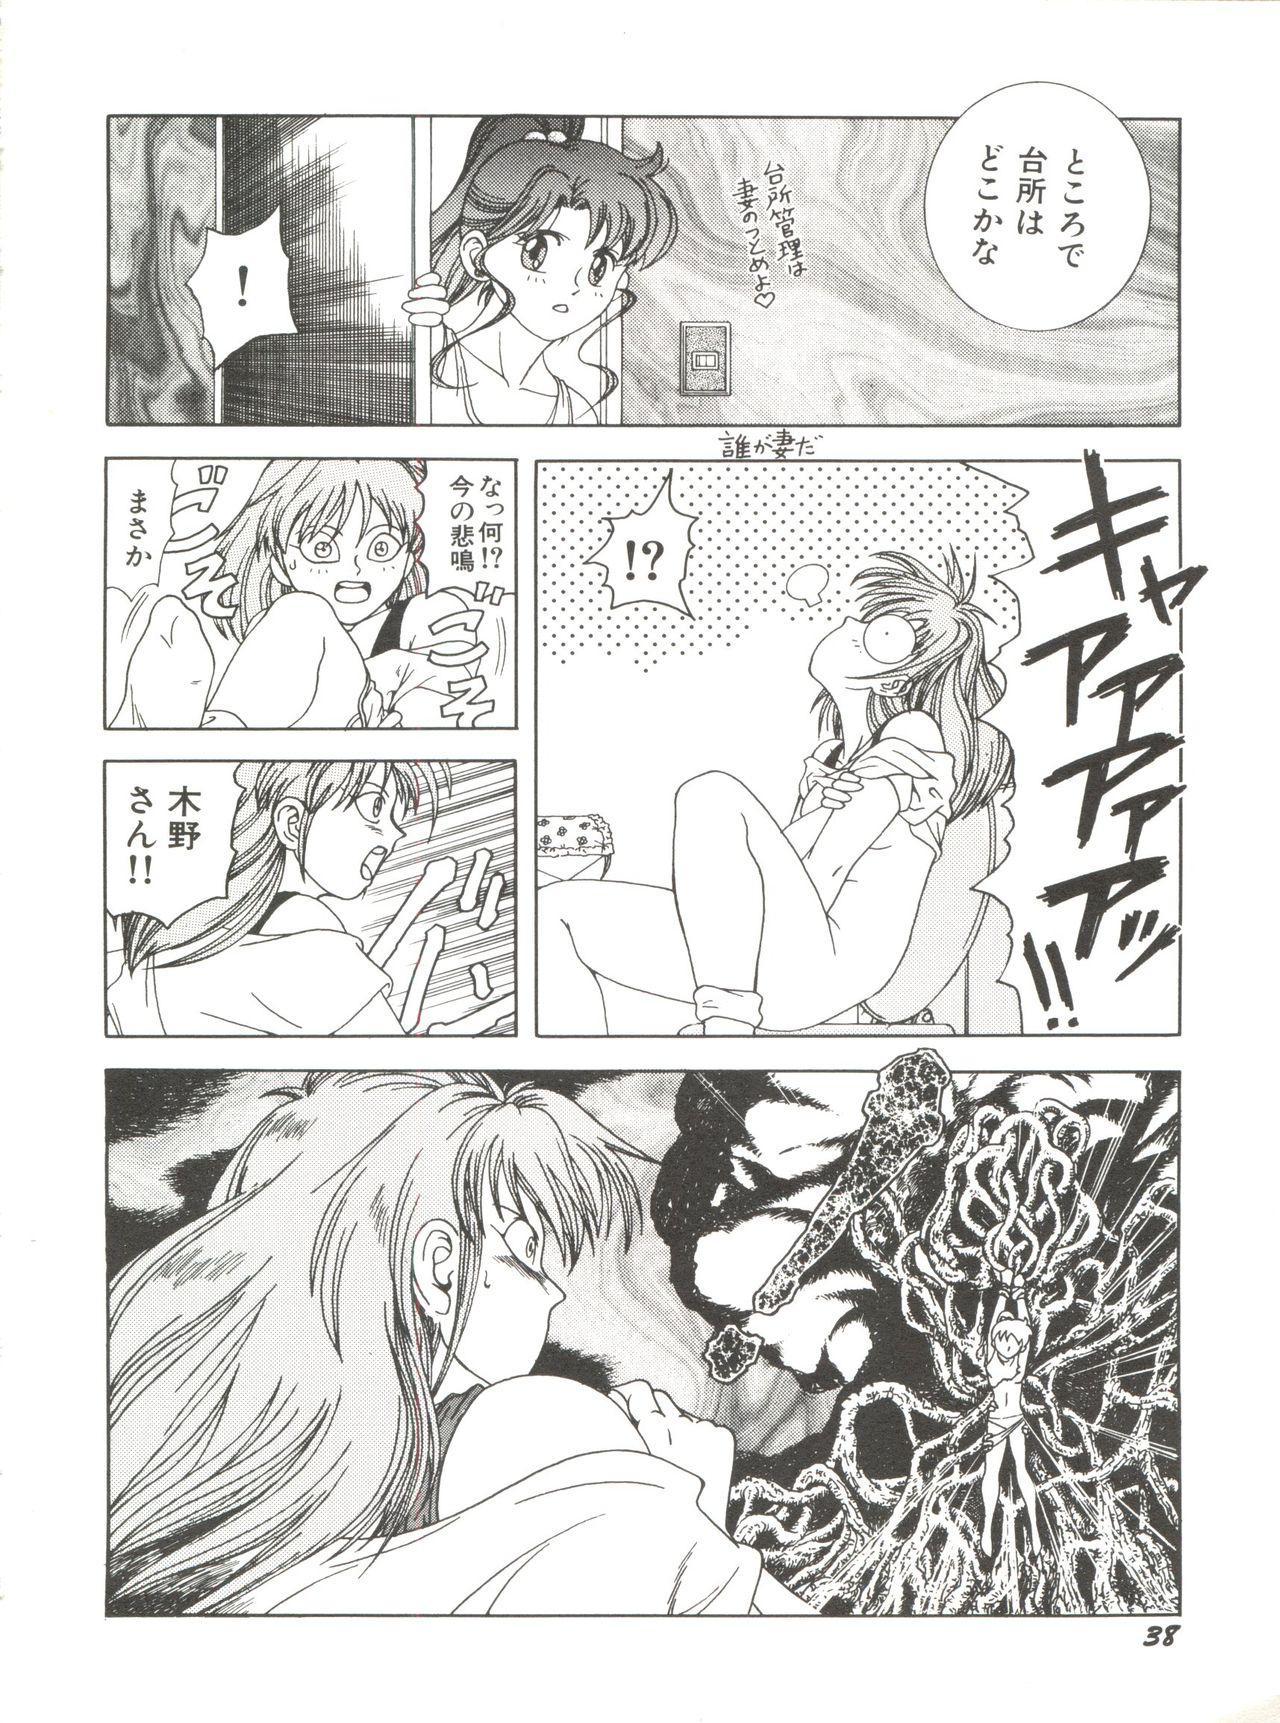 Bishoujo Doujinshi Anthology 12 - Moon Paradise 7 Tsuki no Rakuen 42